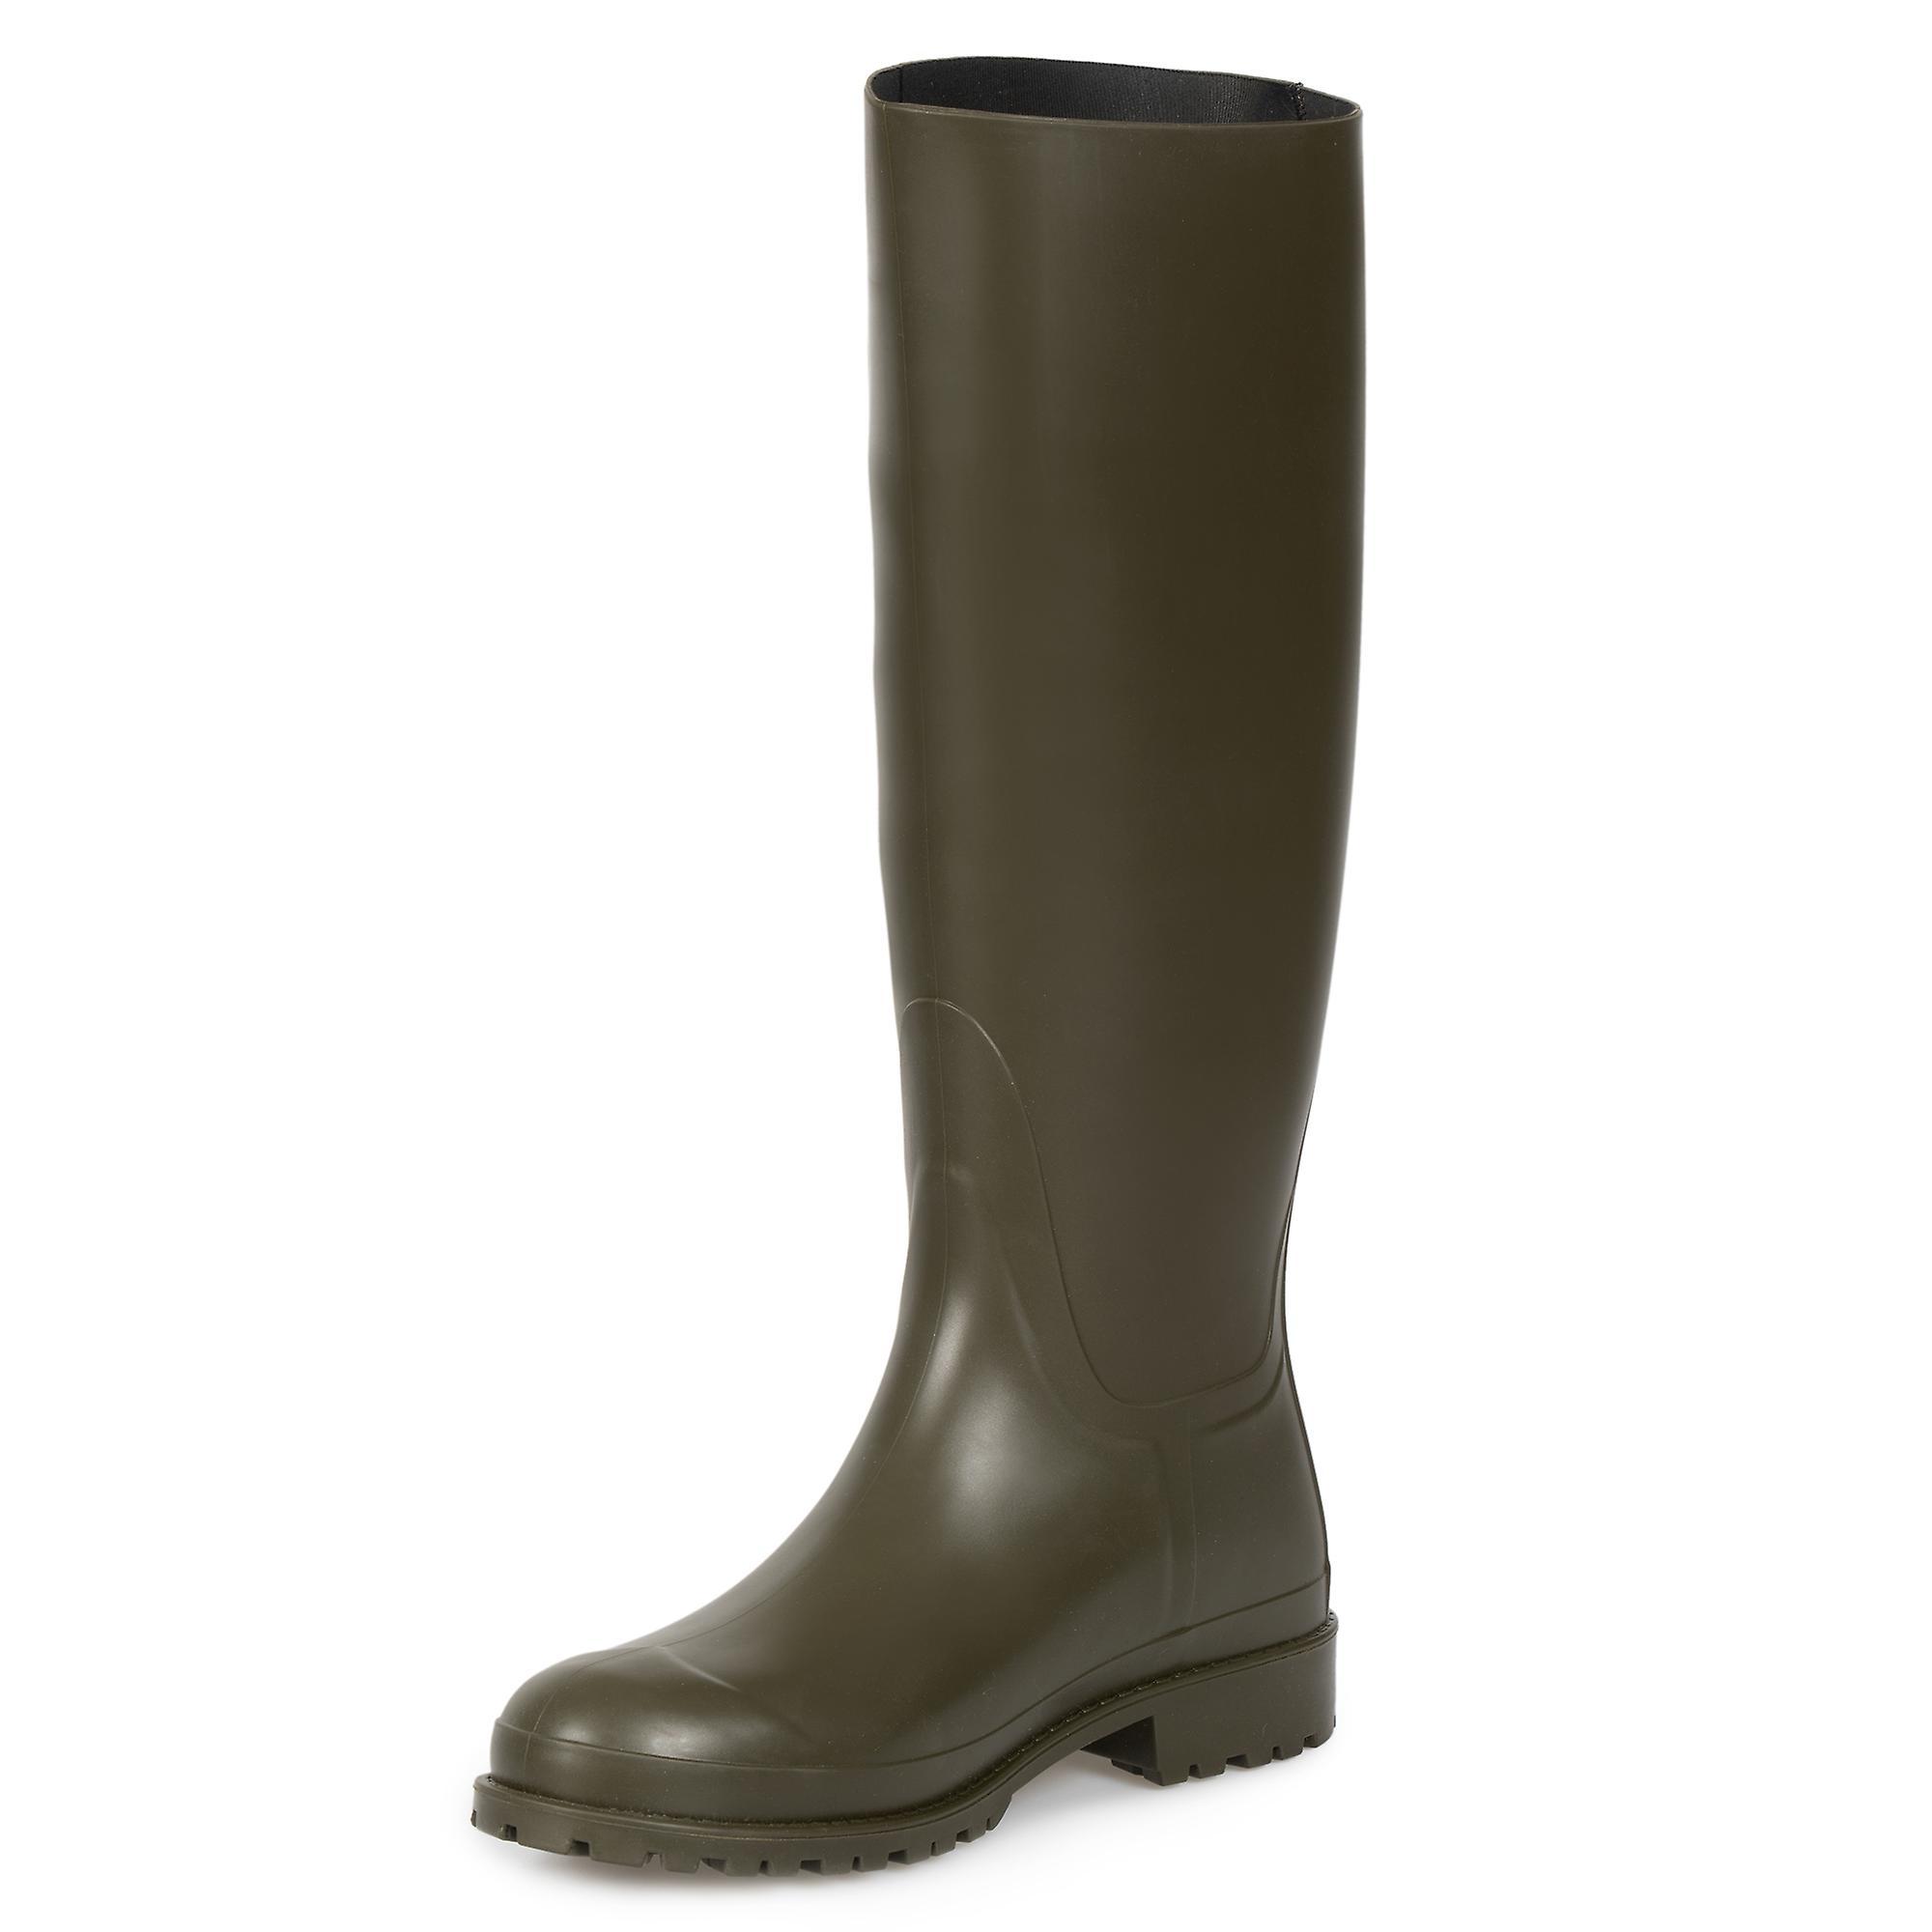 Saint Laurent Olive Green Rain Boots